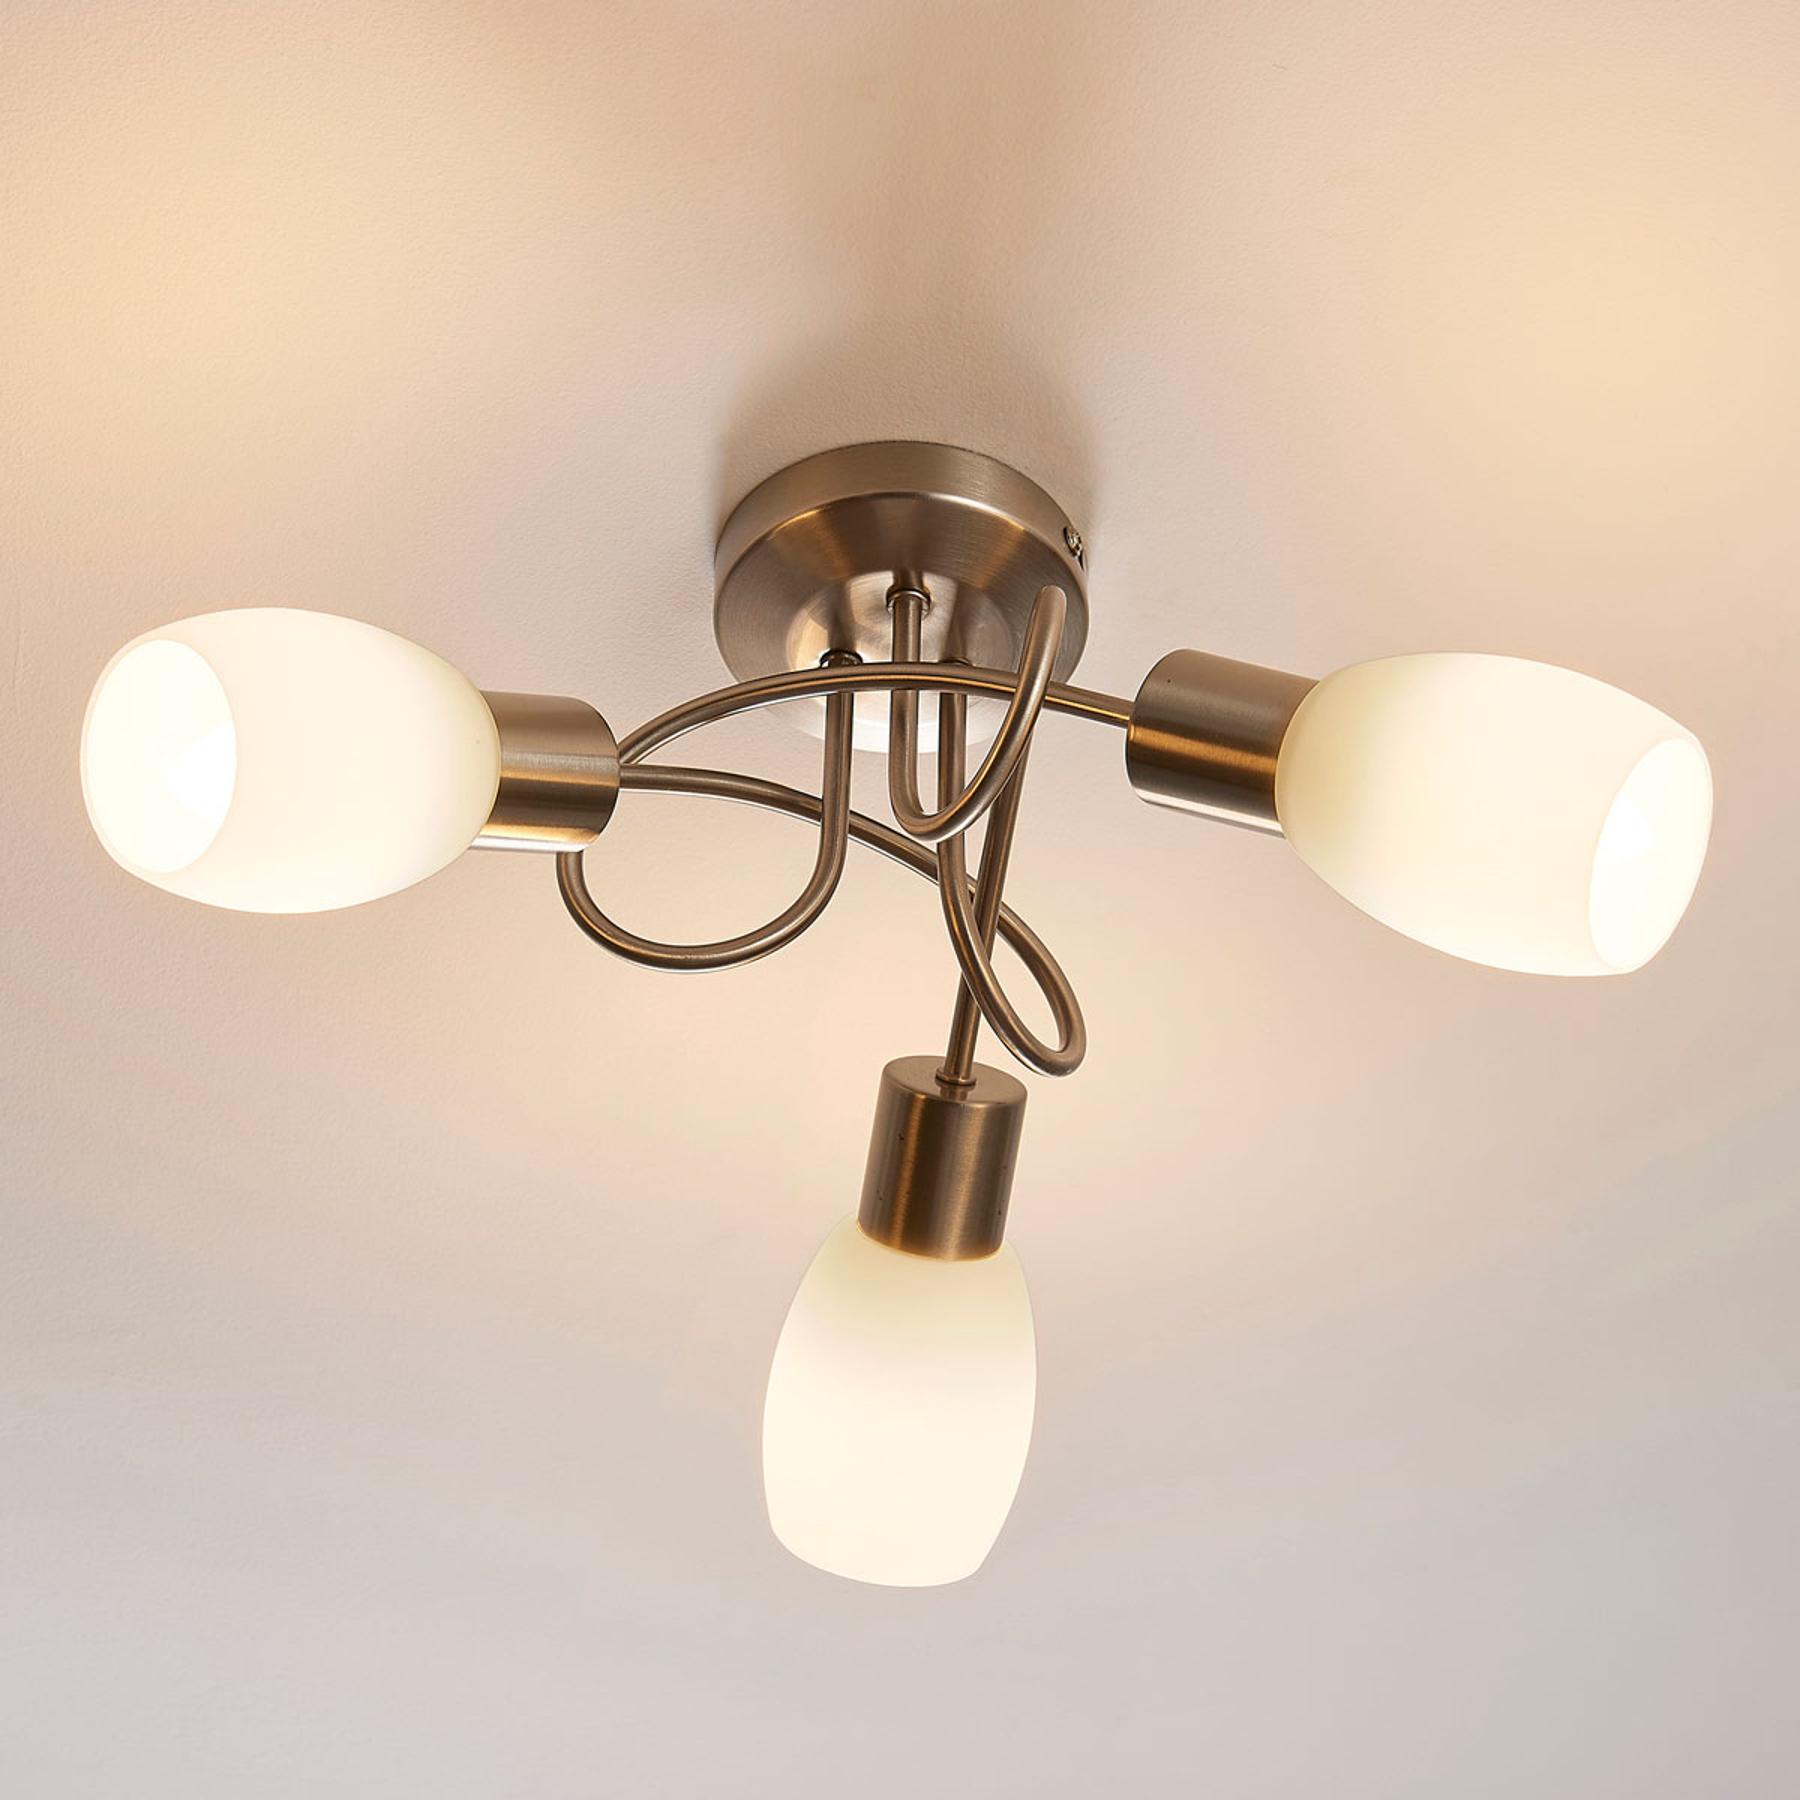 Aantrekkelijke LED plafondlamp Arda, easydim